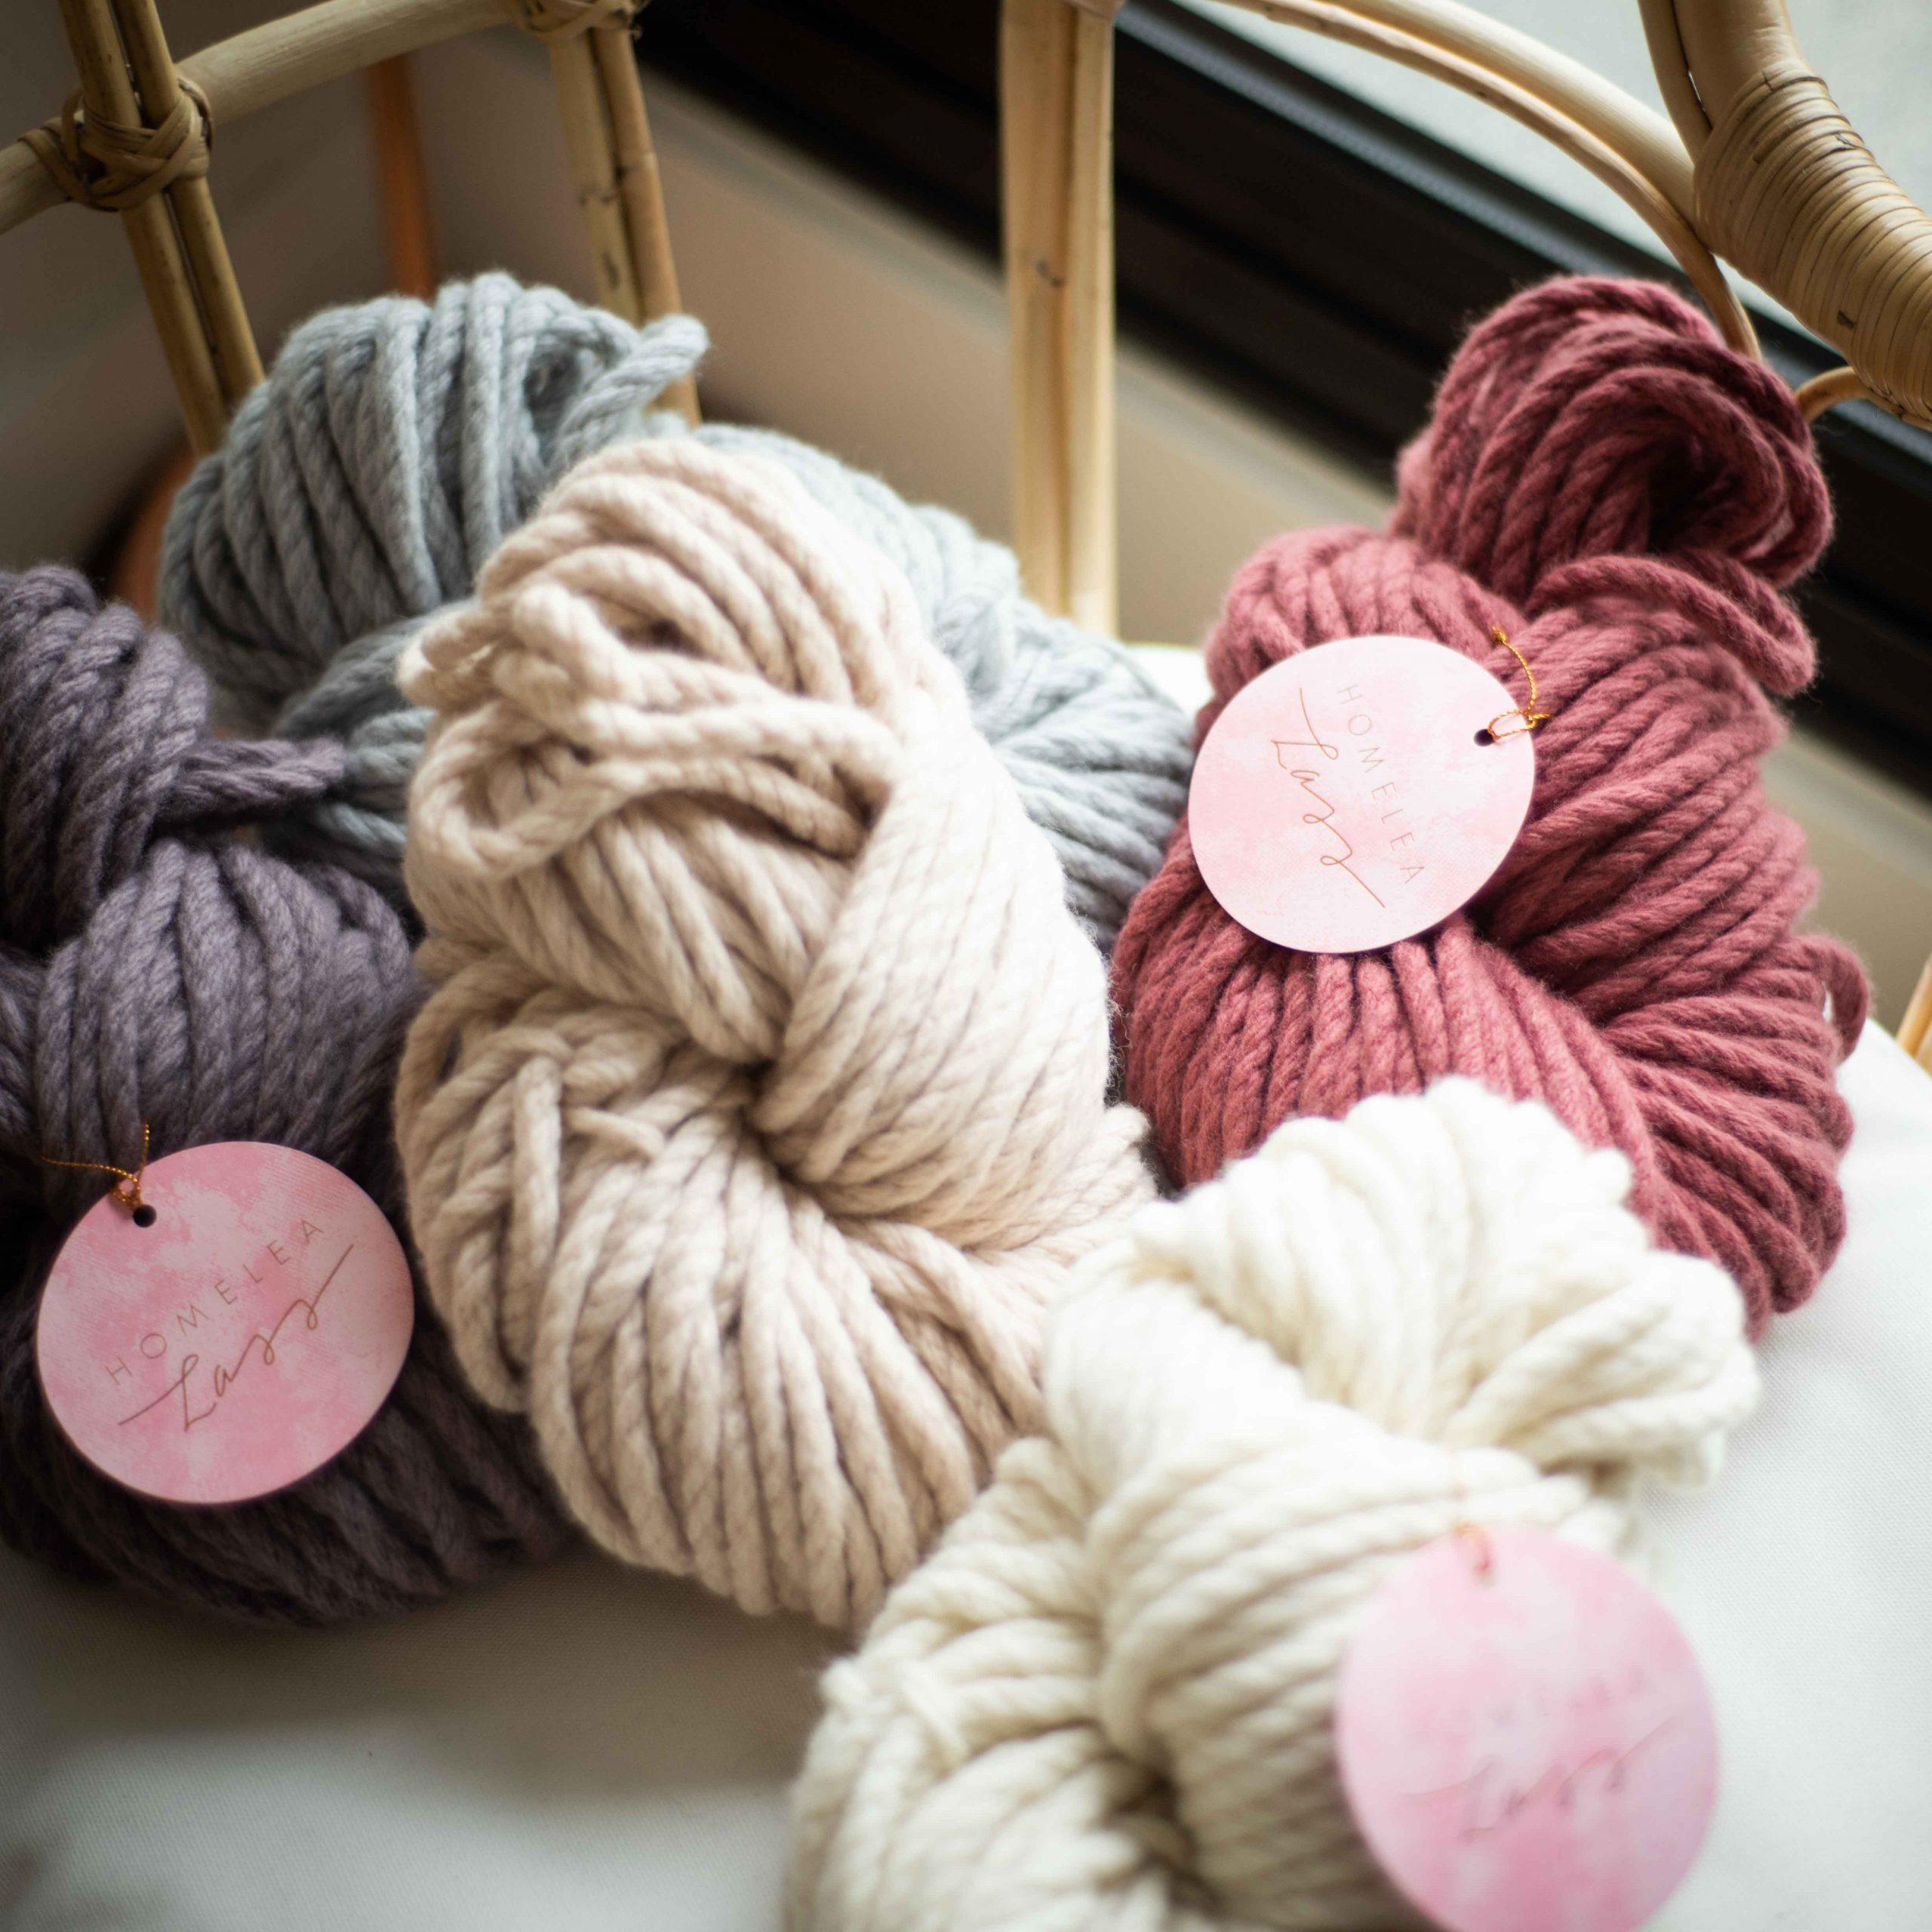 Warm Heart Blanket Crochet Kit – Australian Merino wool – detailed instructions | Homelea Lass